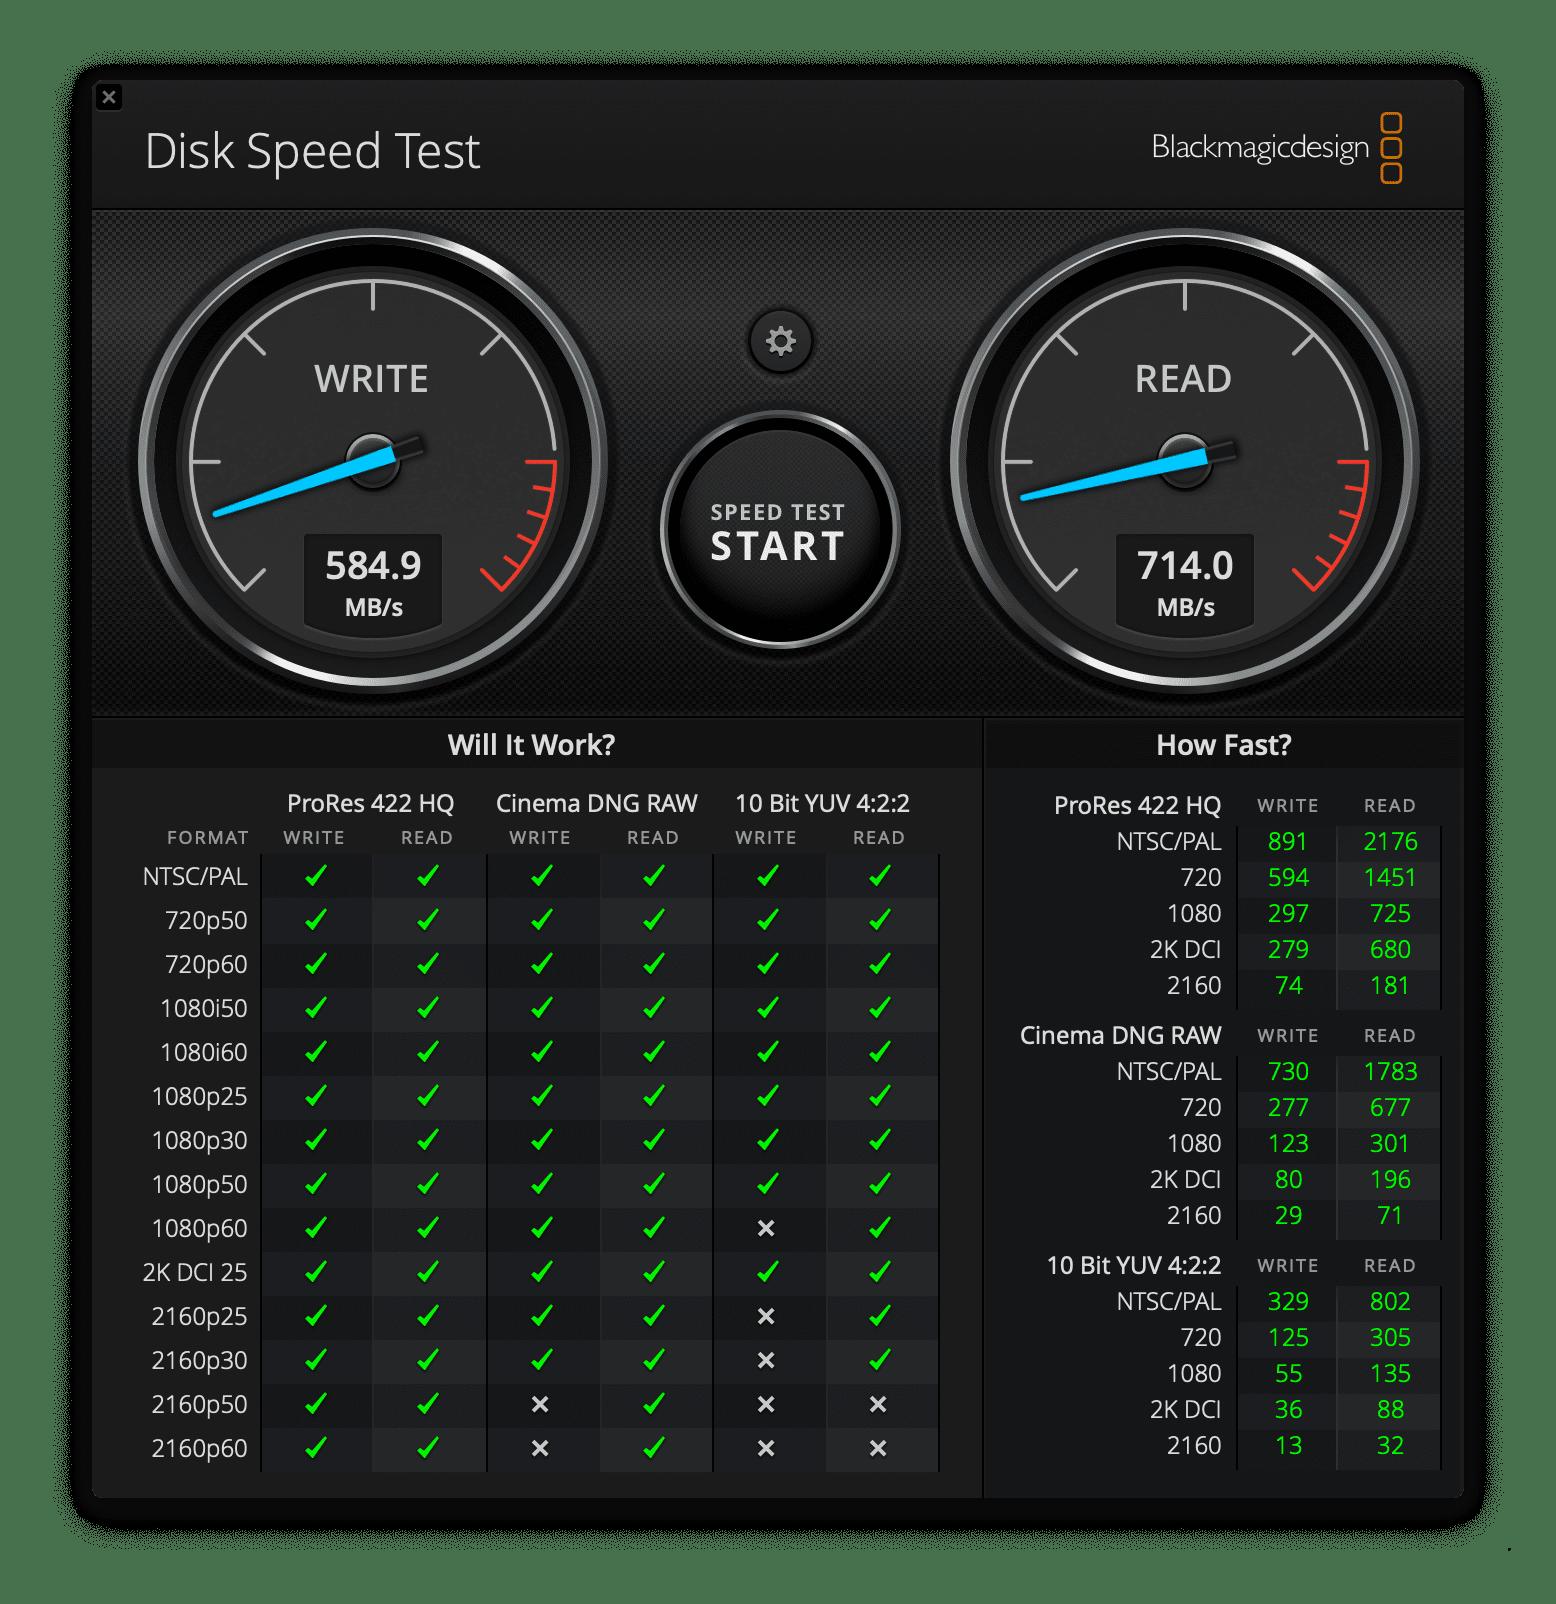 Les performances de débit du SSD interne du MacBook Pro 15 pouces